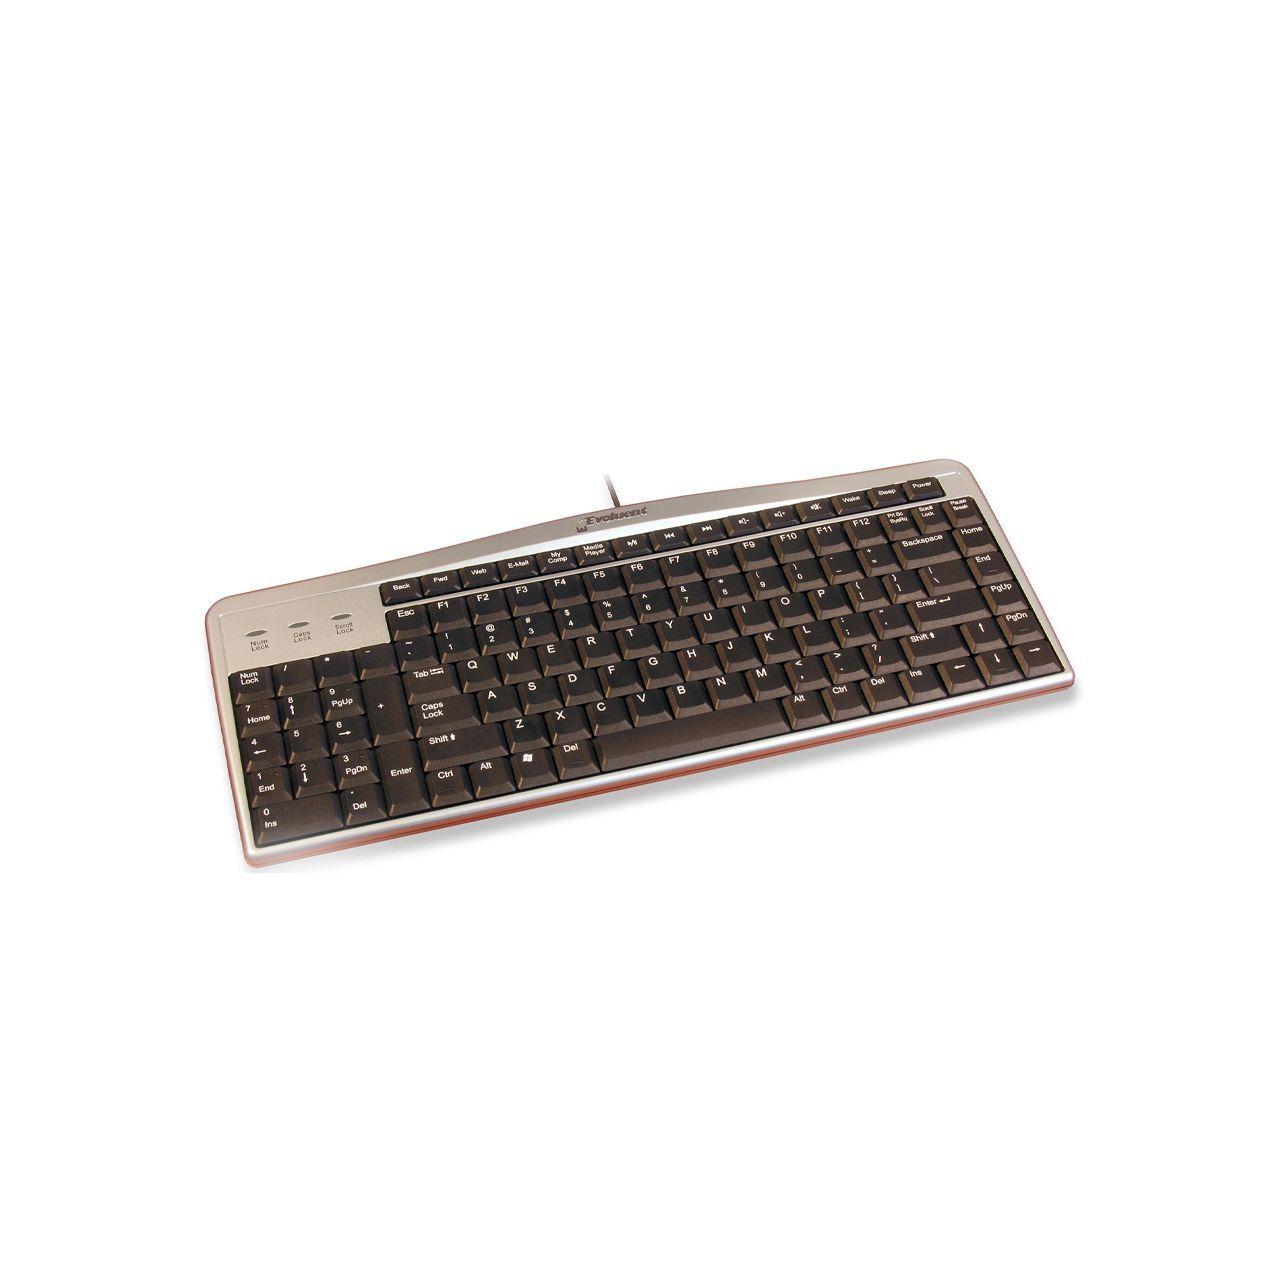 evoluent linkshandig toetsenbord ERKAELT18 Schuin